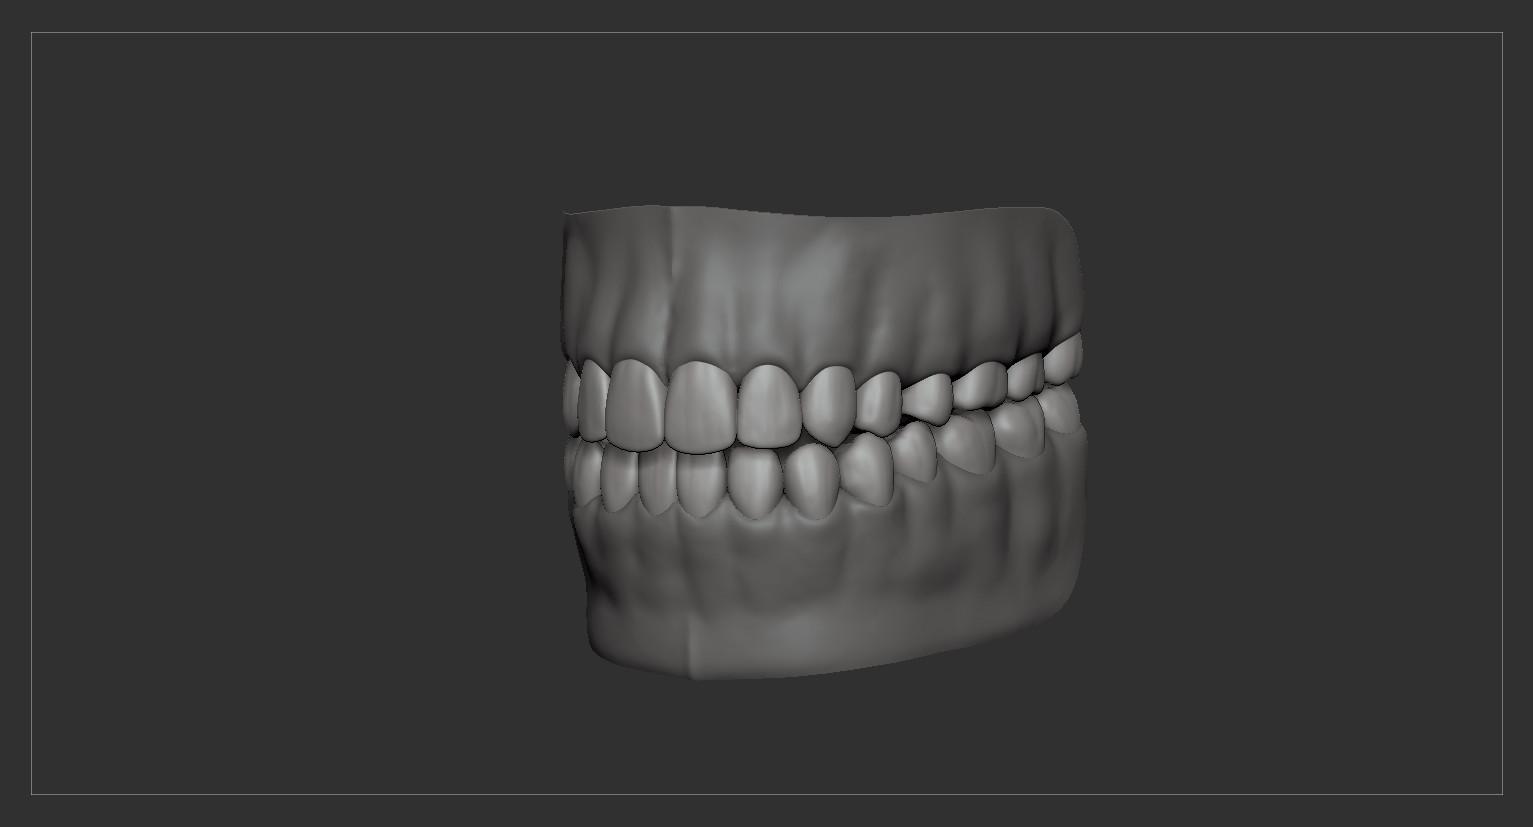 Teethtongue by alexlashko zbrush 11